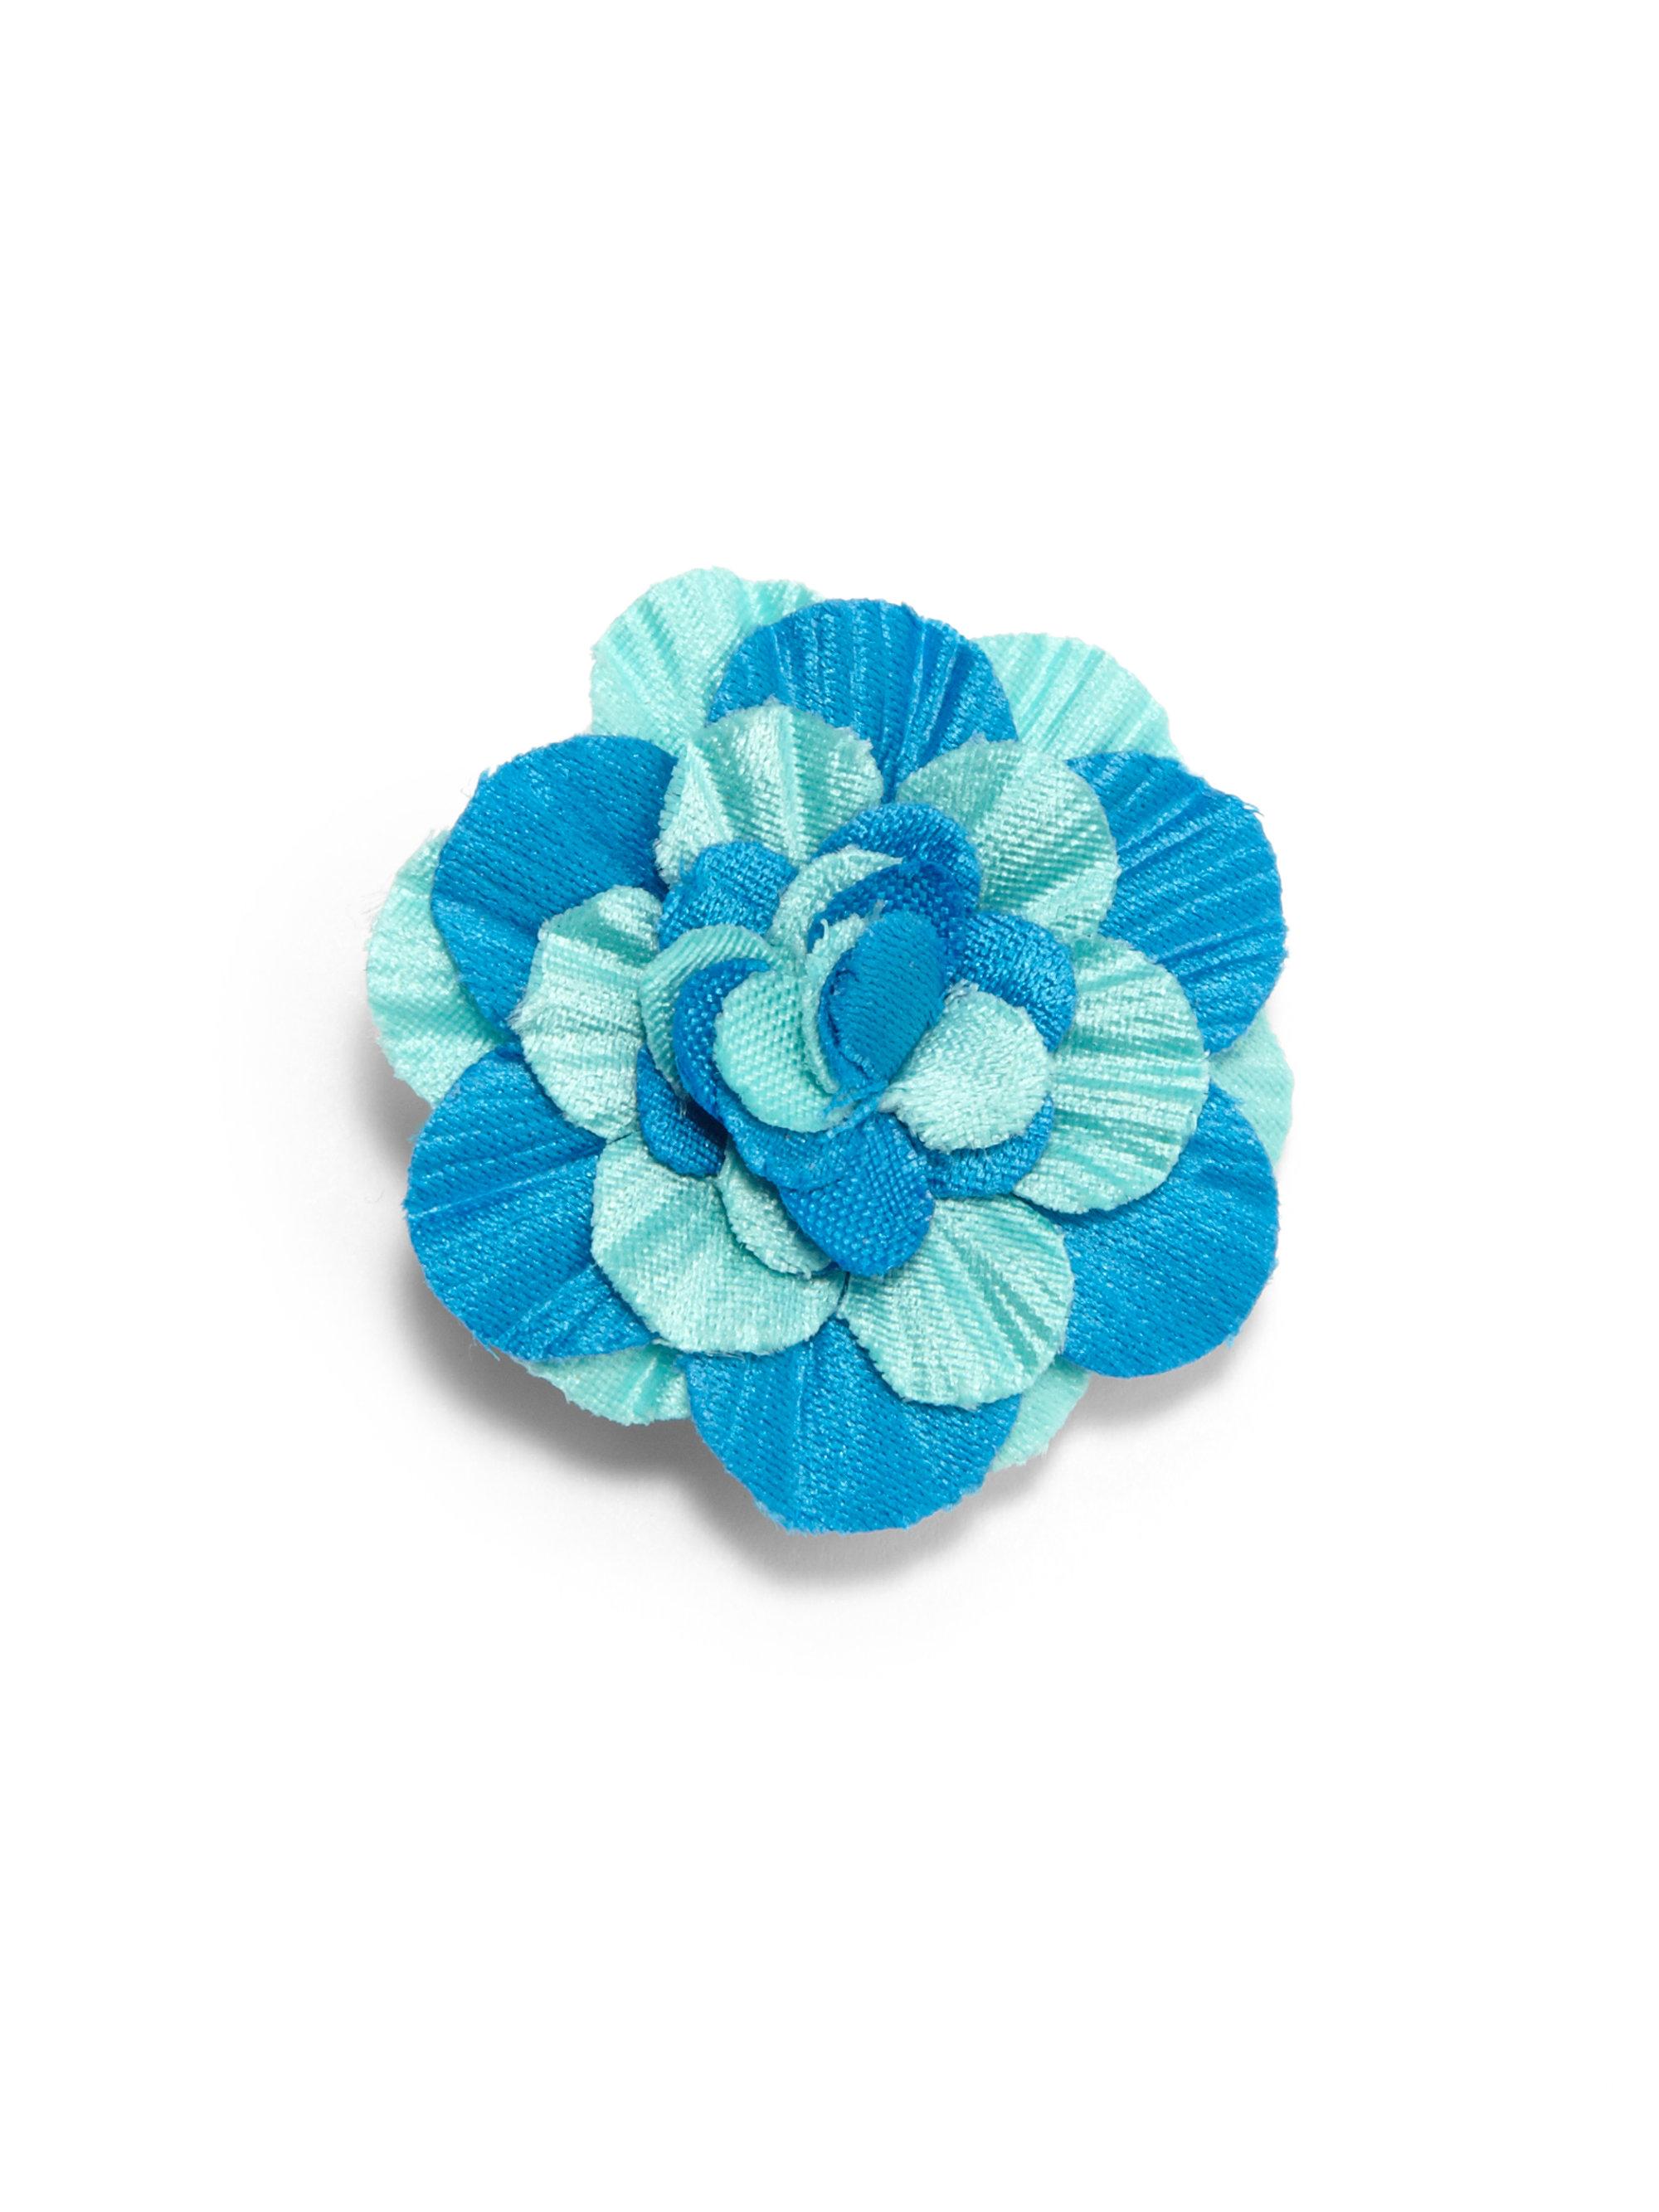 Hook Albert Lapel Flower Pin in Blue